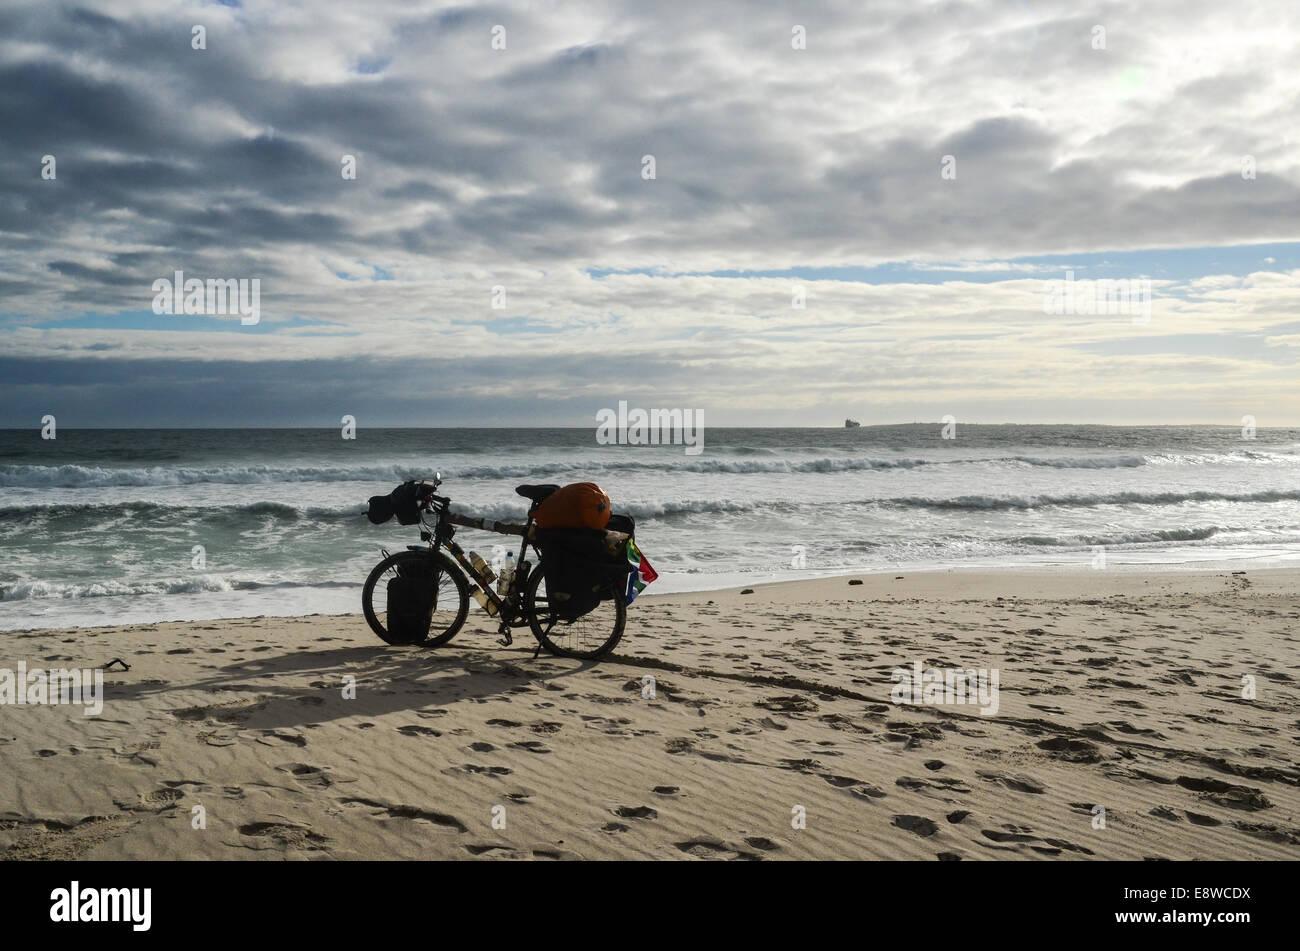 Cicloturismo en África, una bicicleta de touring en la playa en Cape Town, Sudáfrica, con un cielo nublado, Imagen De Stock